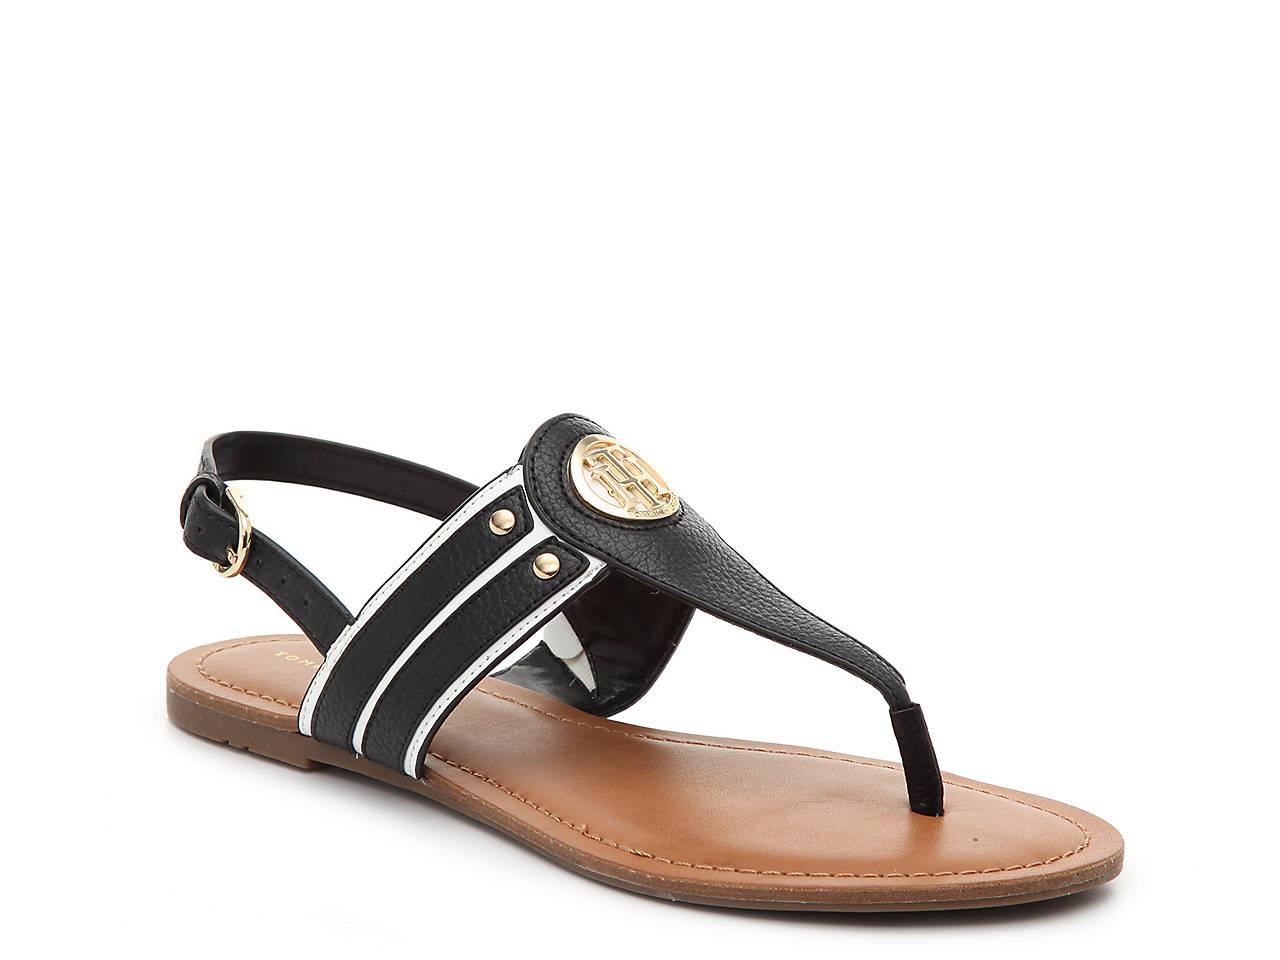 e57acee64 Tommy Hilfiger Lavas Sandal Women s Shoes